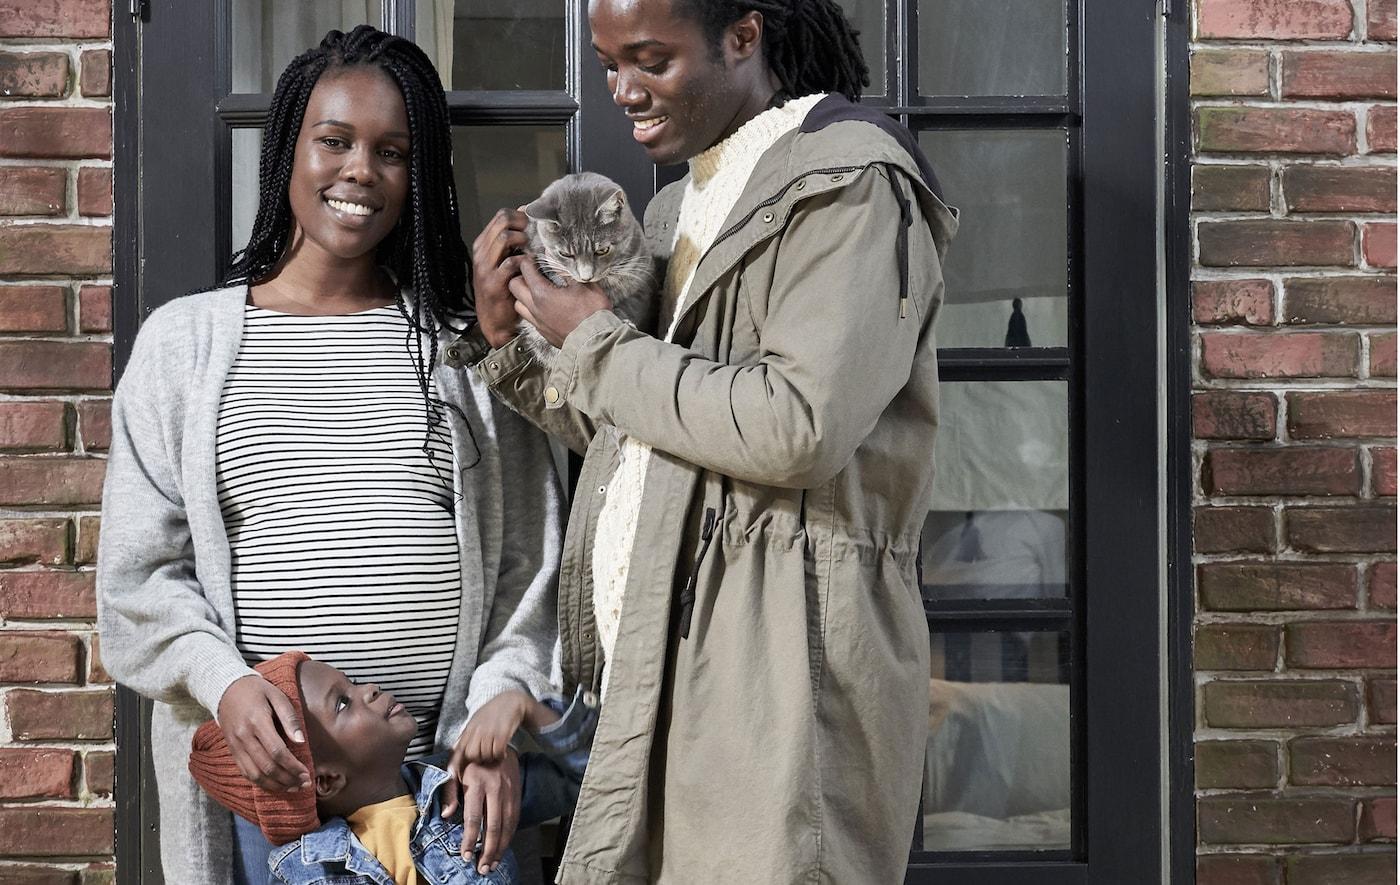 Un uomo con un gatto in braccio, una donna incinta e un ragazzino davanti a un muro in mattoni - IKEA